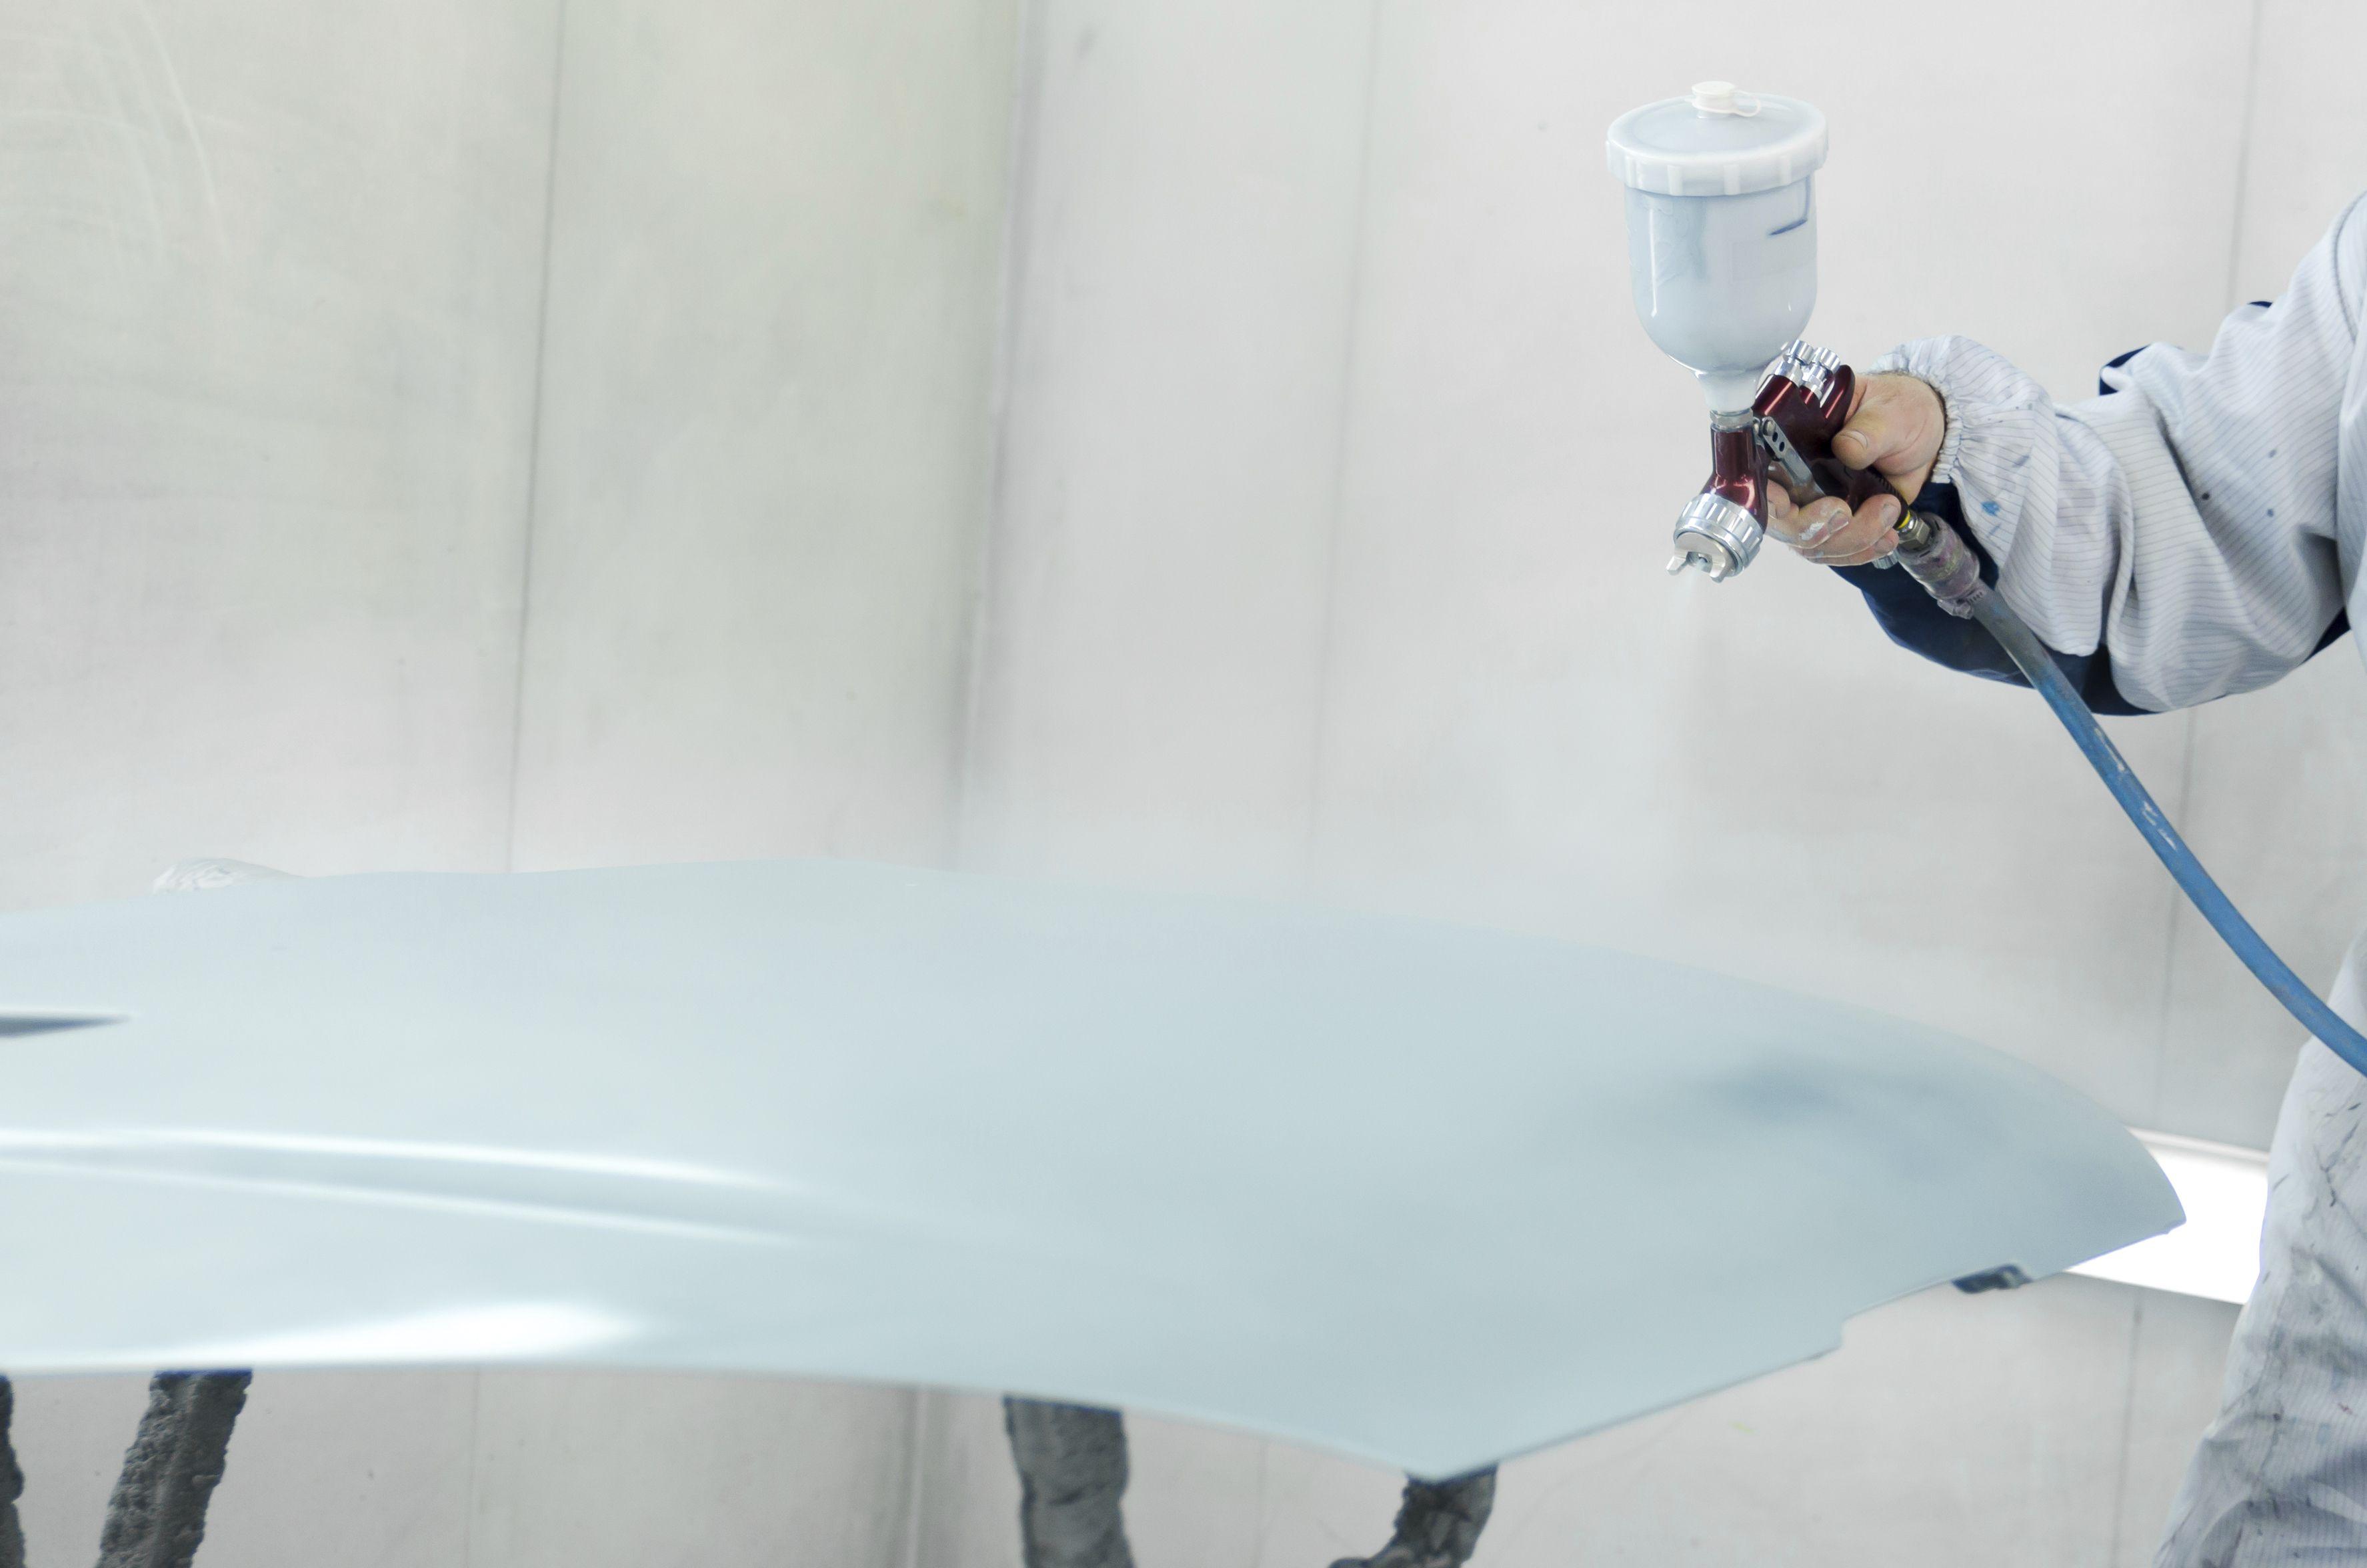 Chapa y pintura: SERVICIOS de Autocarrocerías Retuerto